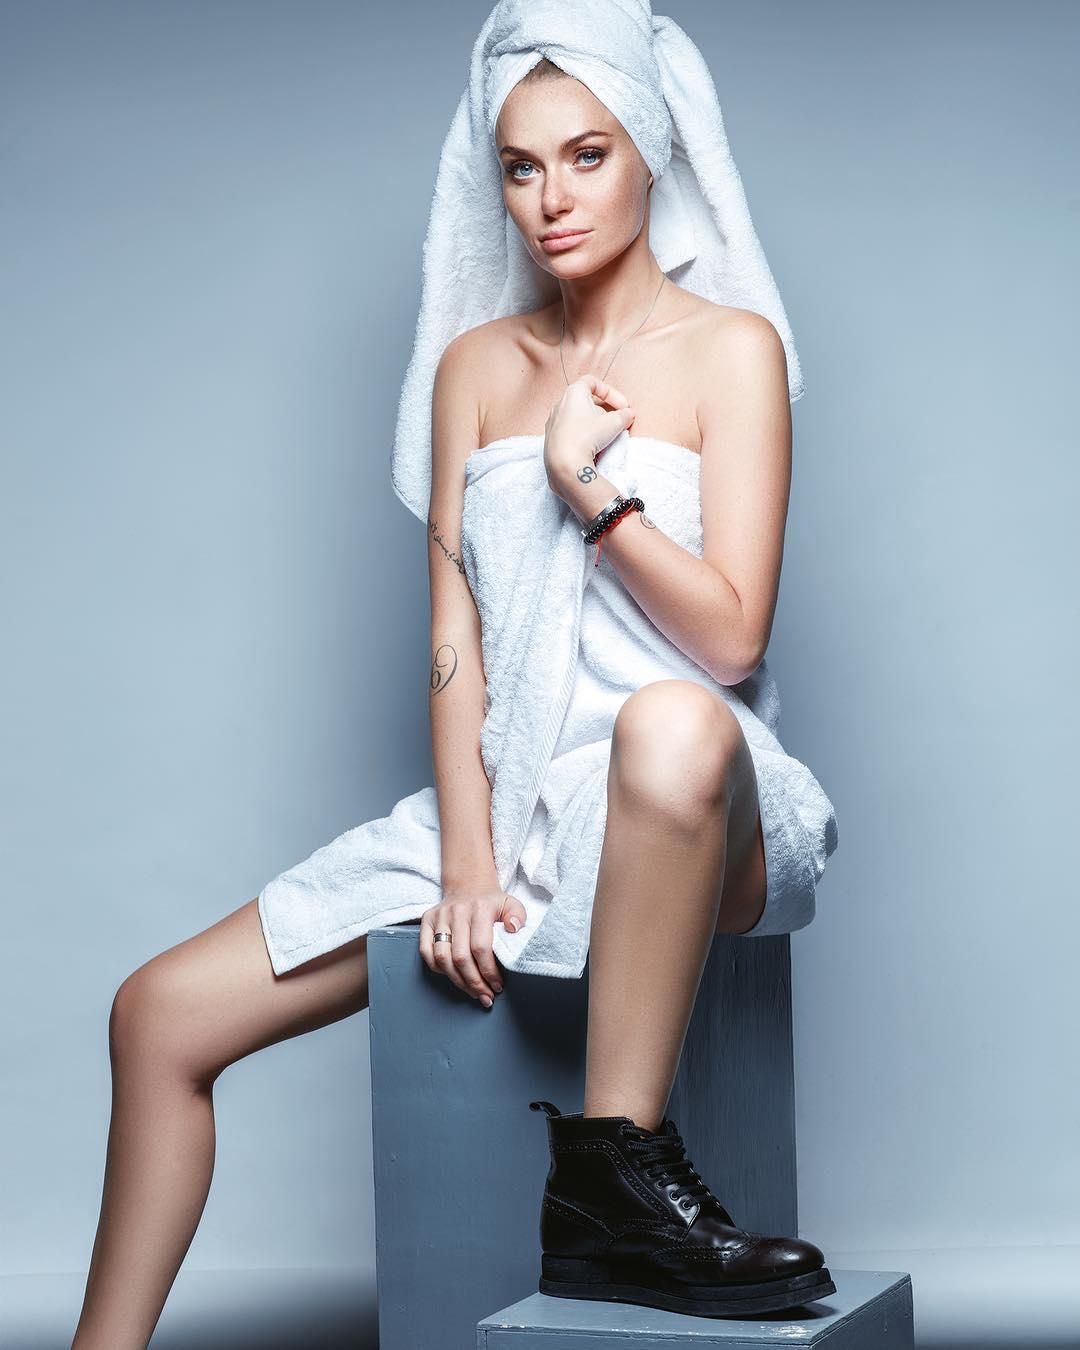 Певица позировала в полотенце и ботинках